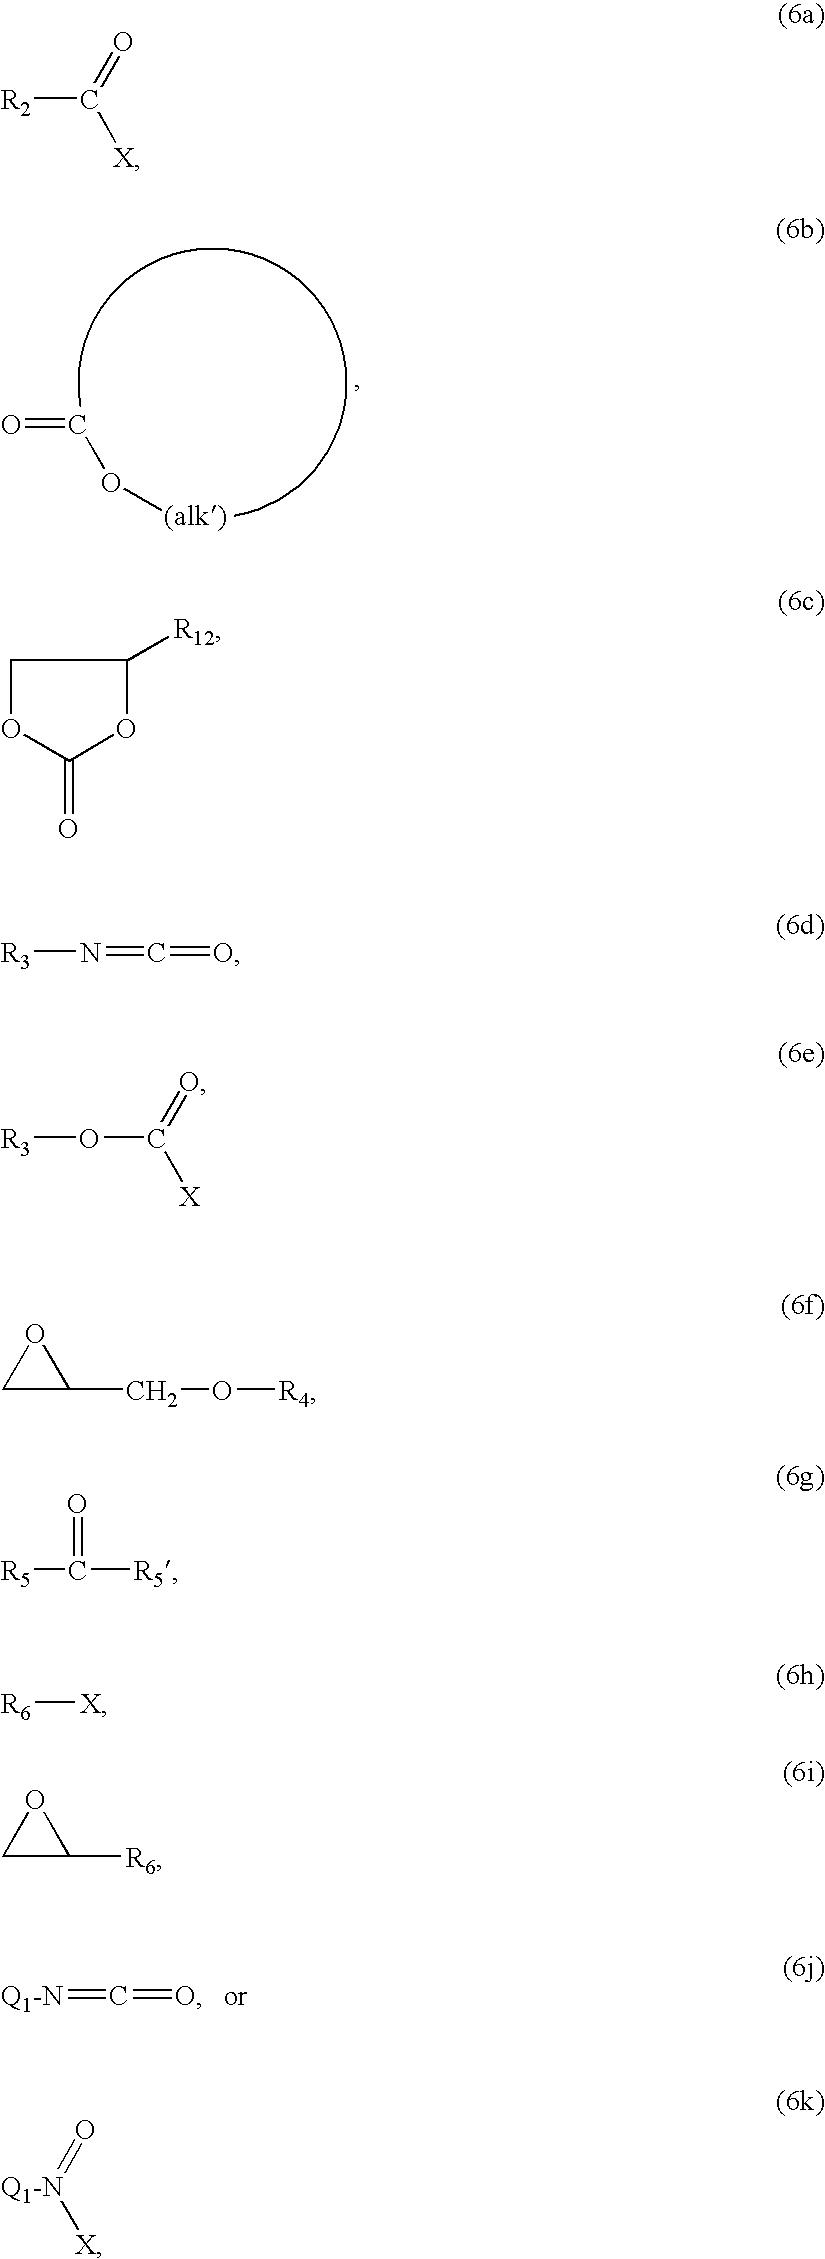 Figure US07875660-20110125-C00013